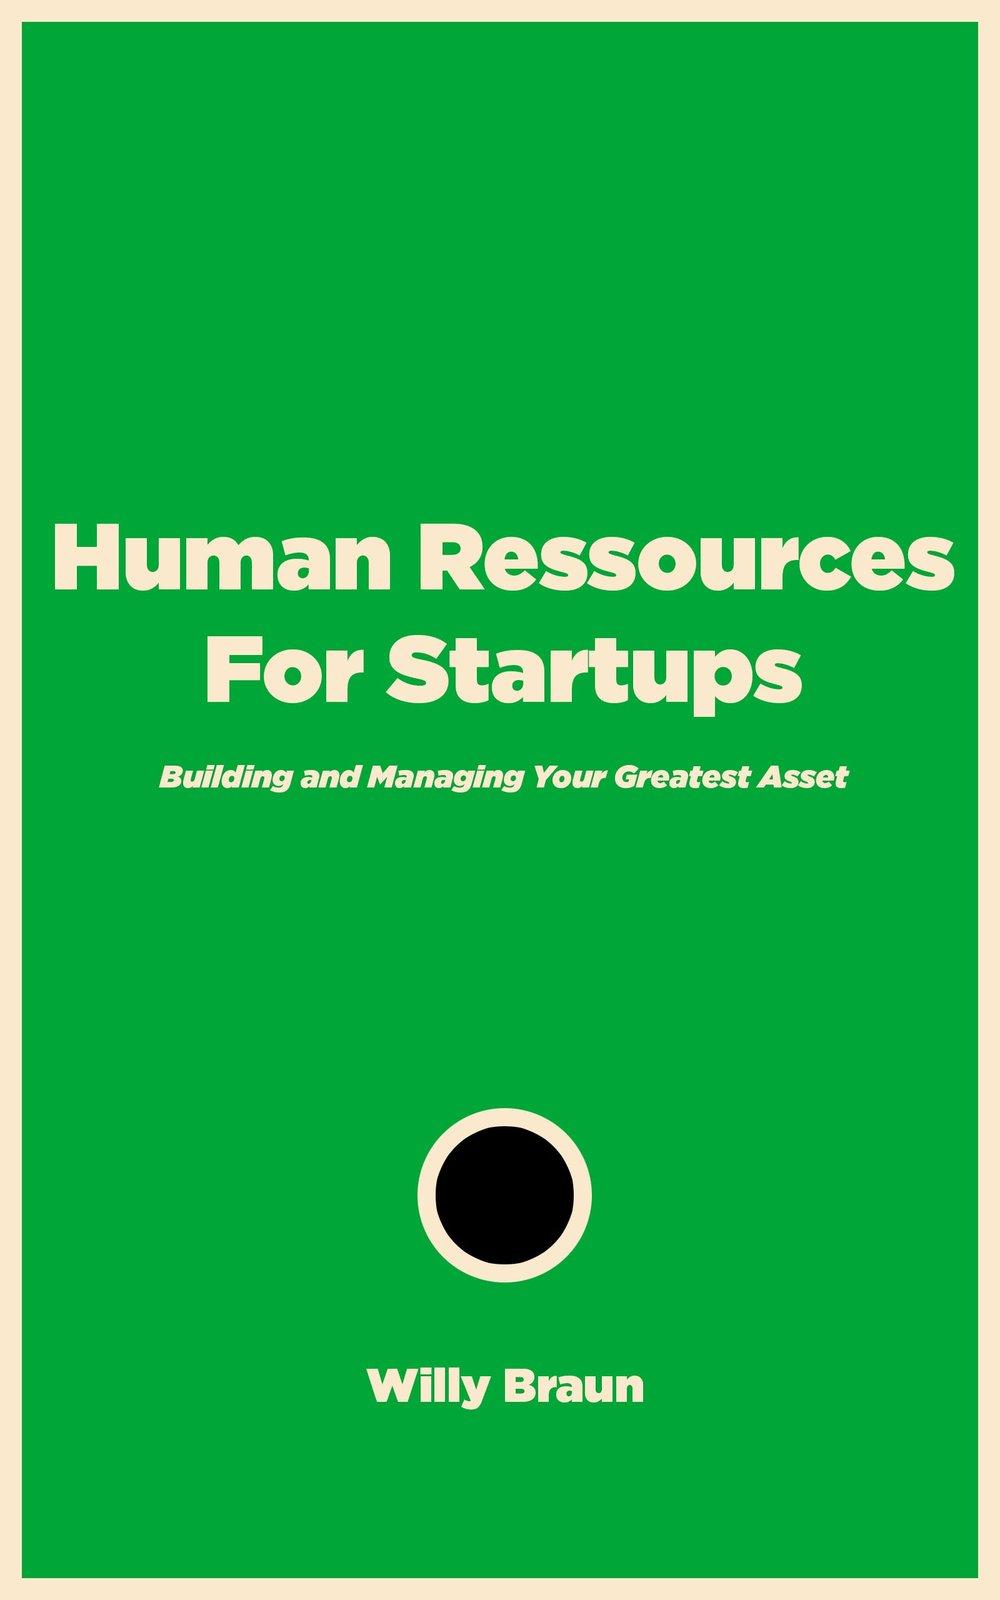 HR-for-startups-small.jpg